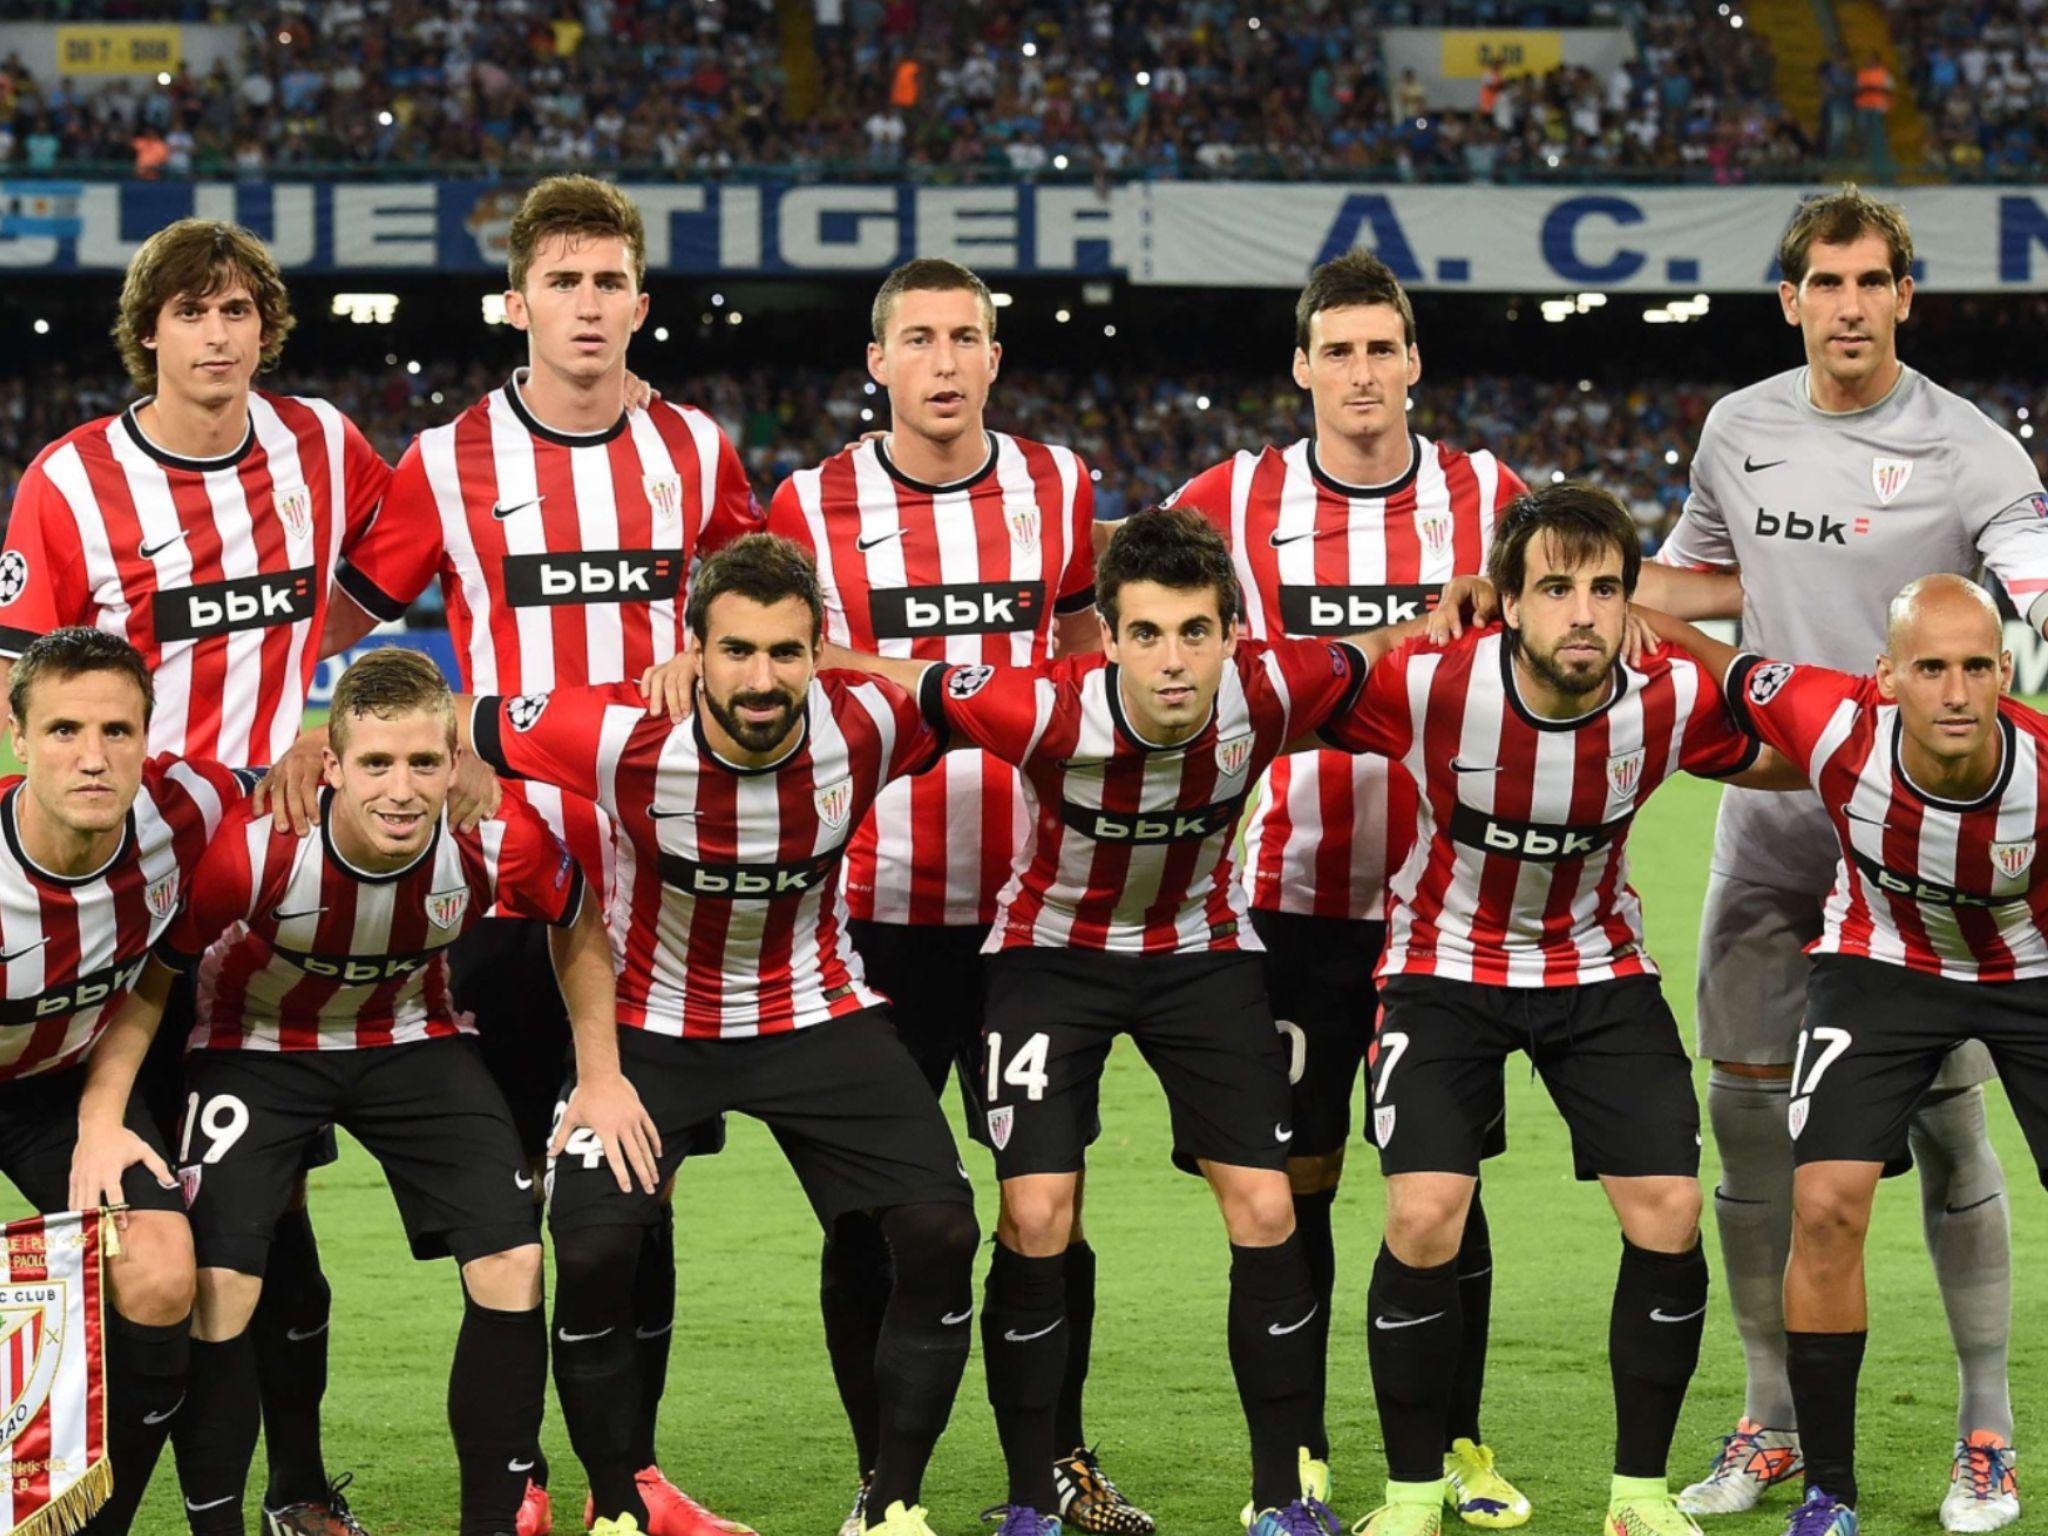 ¿Todos los jugadores son del País Vasco?